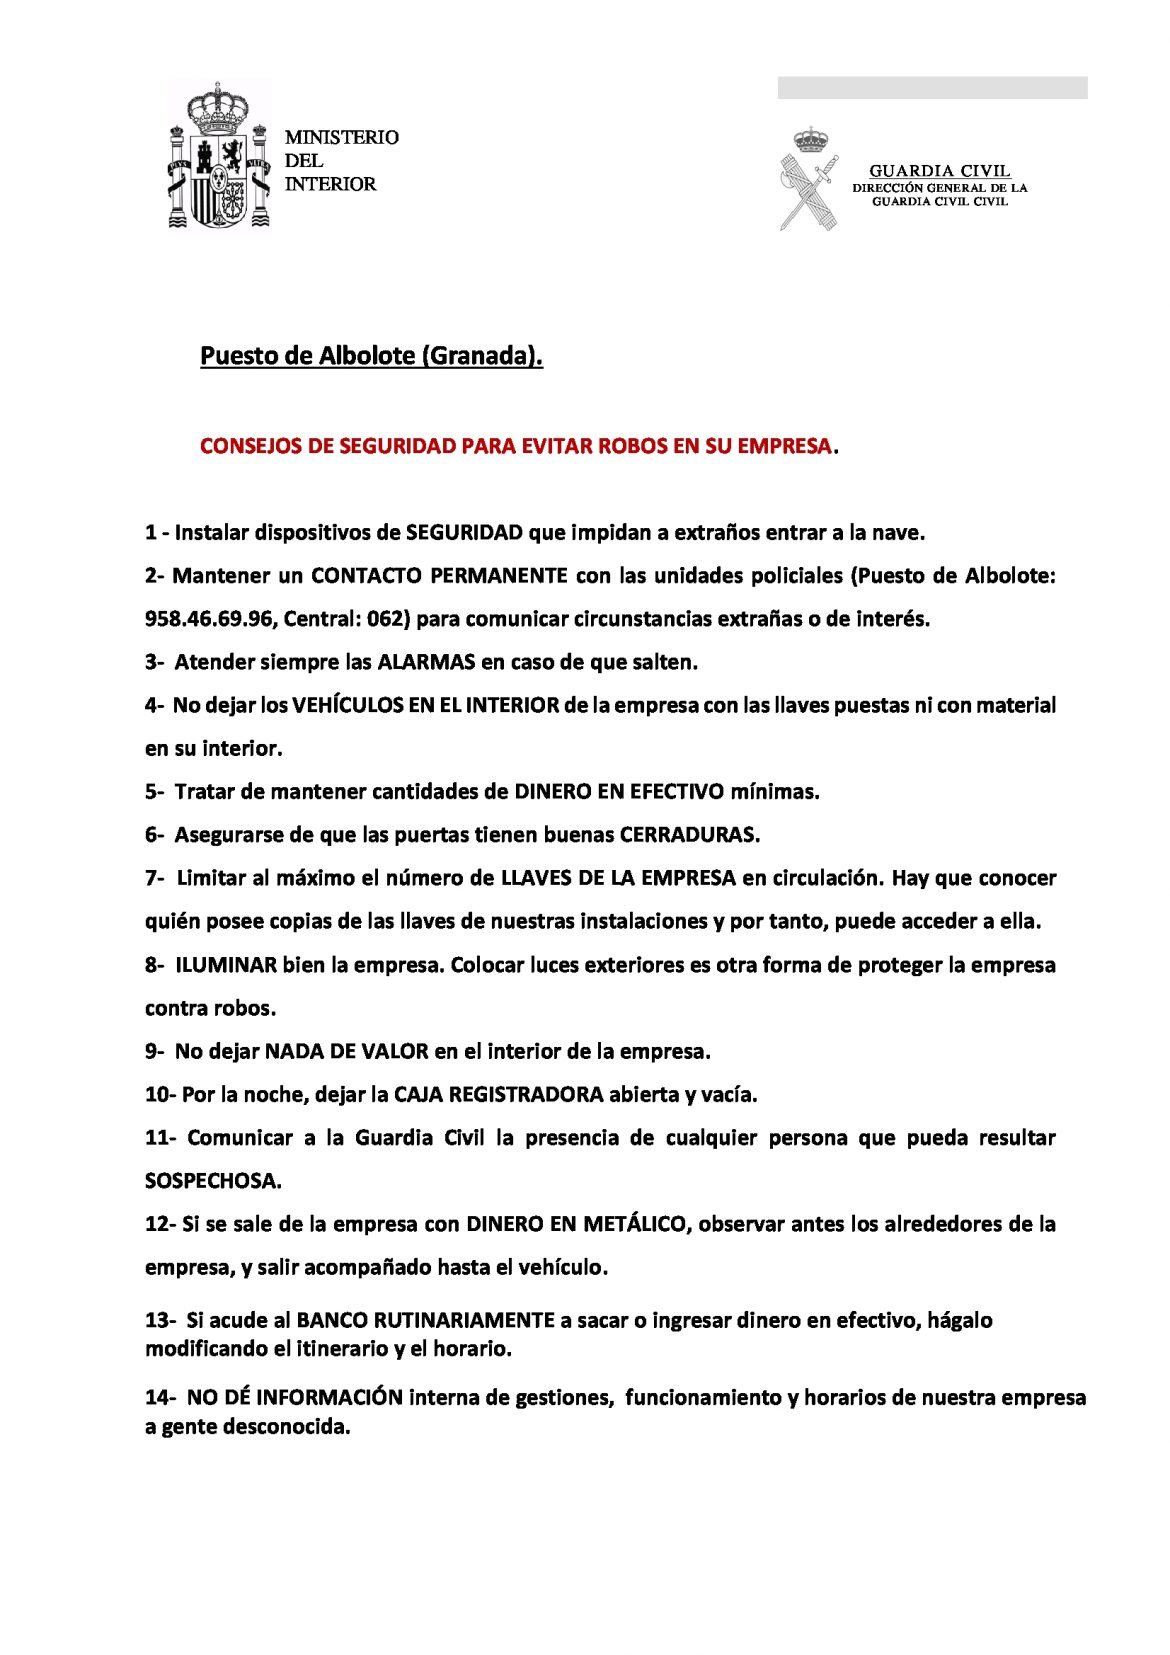 14 Consejos de Seguridad para las empresas de Juncaril.